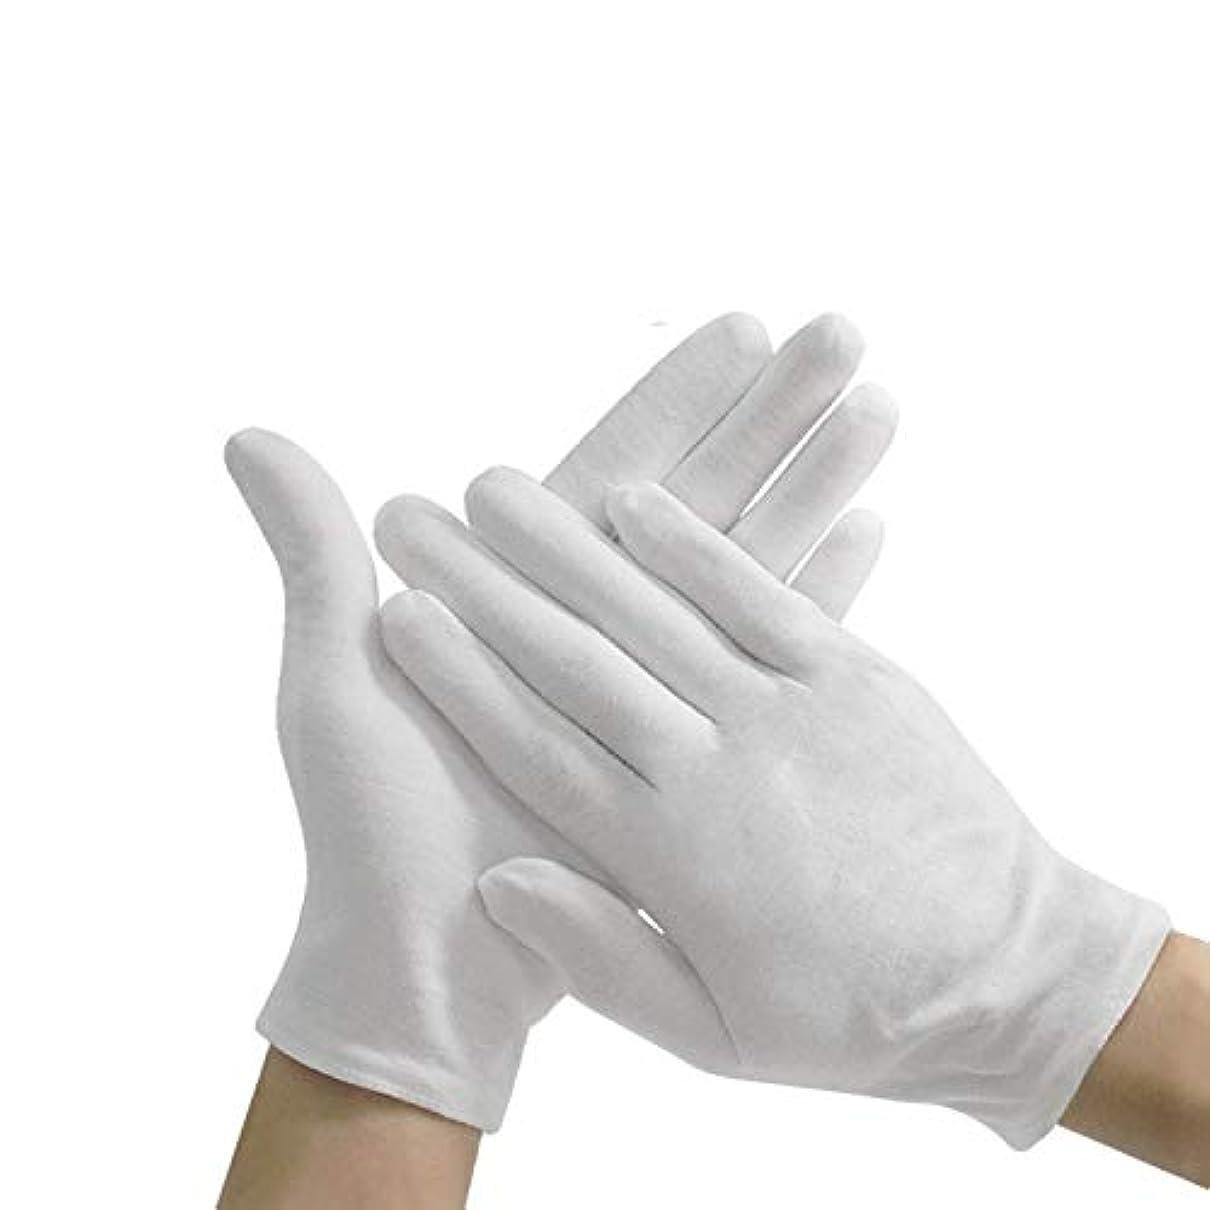 ショートカットまどろみのある無実コットン手袋 純綿100%耐久性が強い上に軽く高品質伸縮性通気性抜群 白 12双組